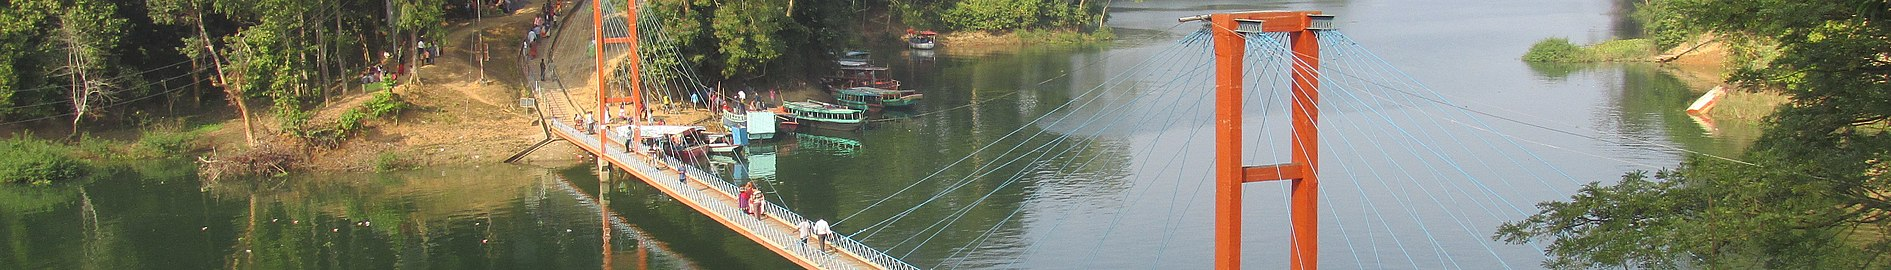 Rangamati Hanging Bridge View (cropped).jpg